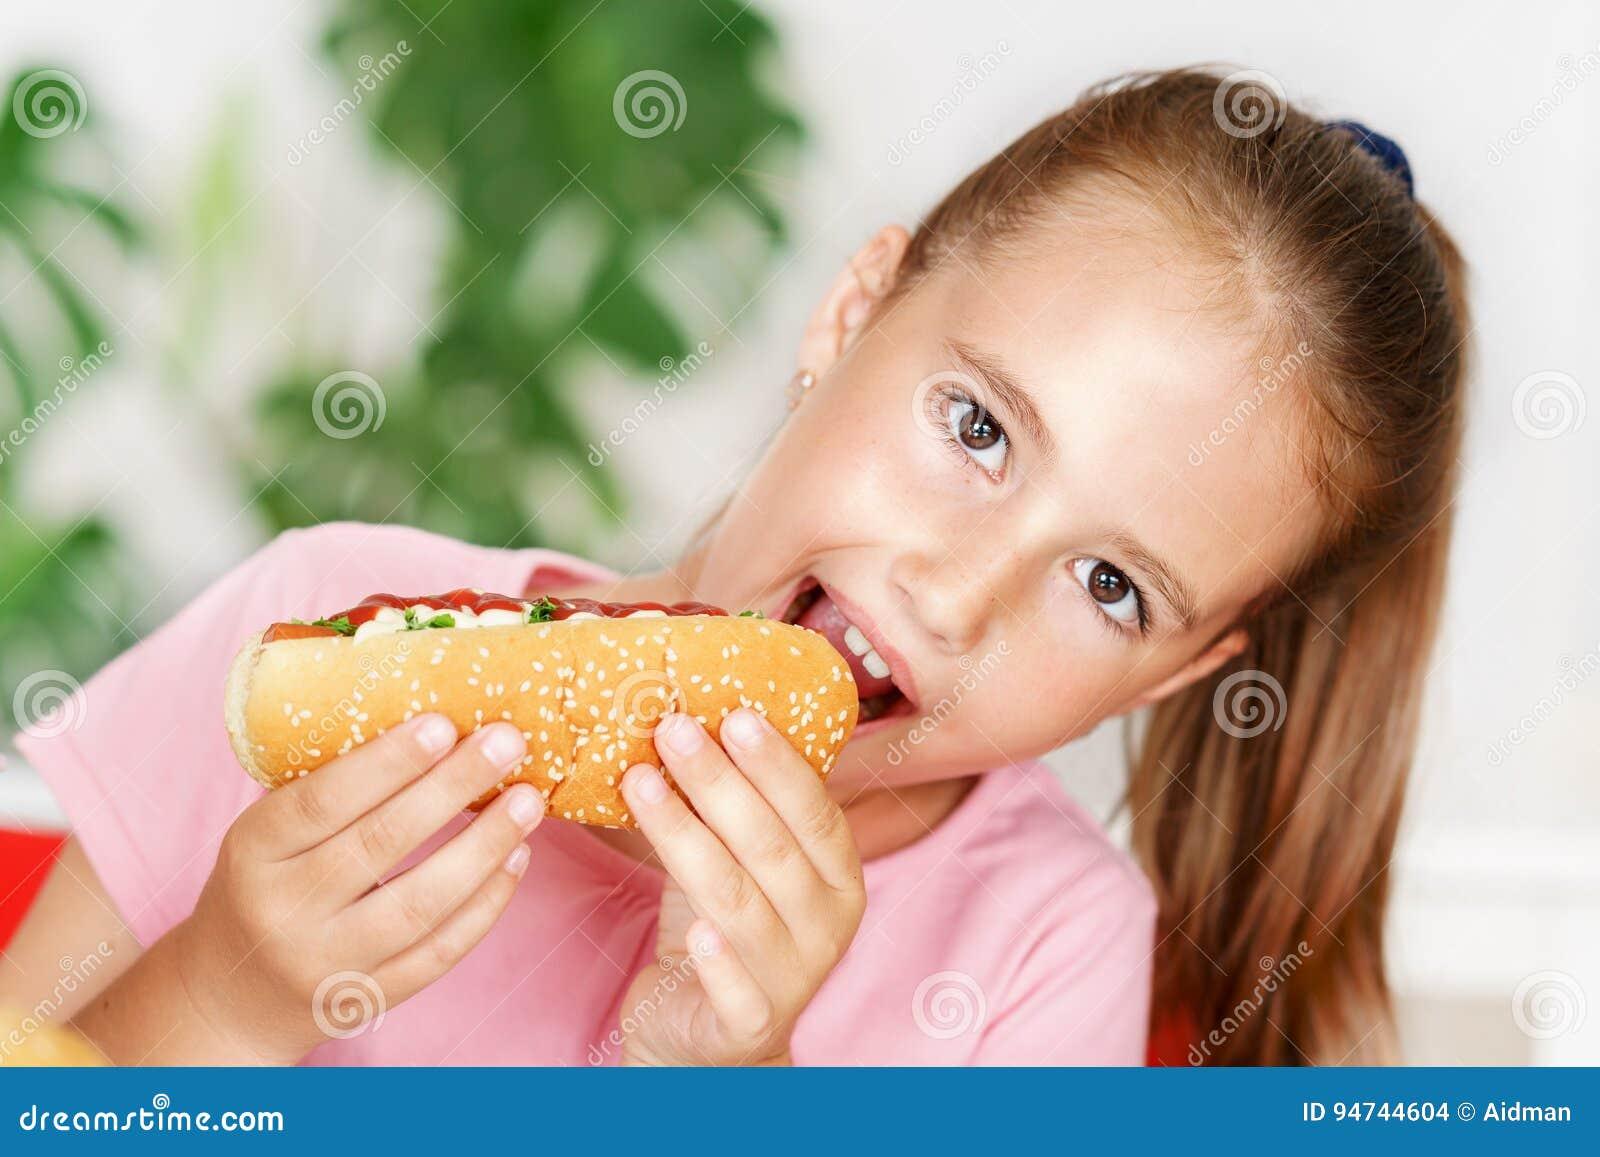 T恤杉的年轻逗人喜爱的欧洲女孩吃象热狗和芯片的不健康的食物